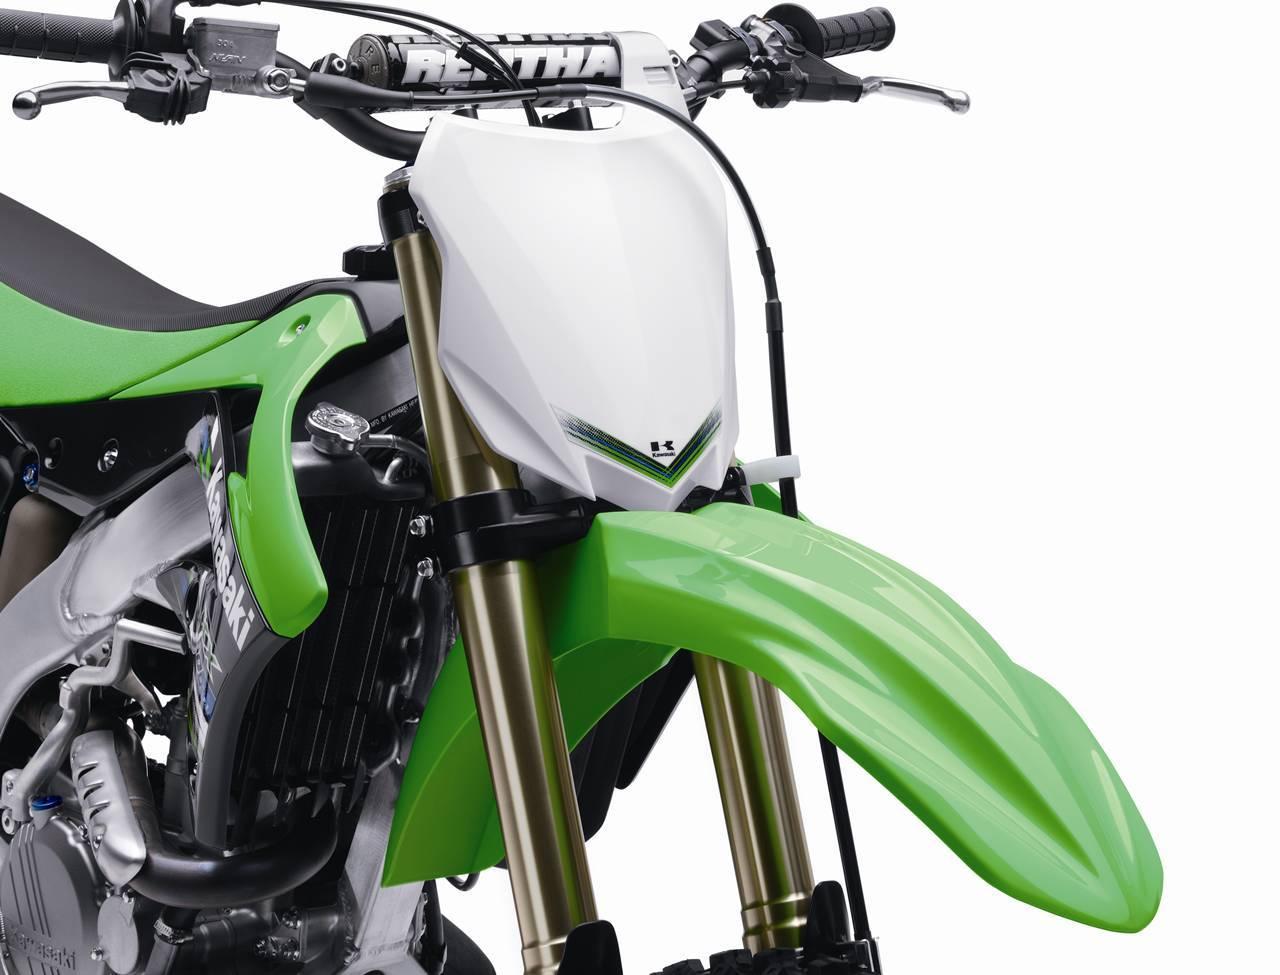 Nueva Kawasaki KX450F 2013: de la experiencia del AMA Supercross y Motocross a tu garaje (Detalles)